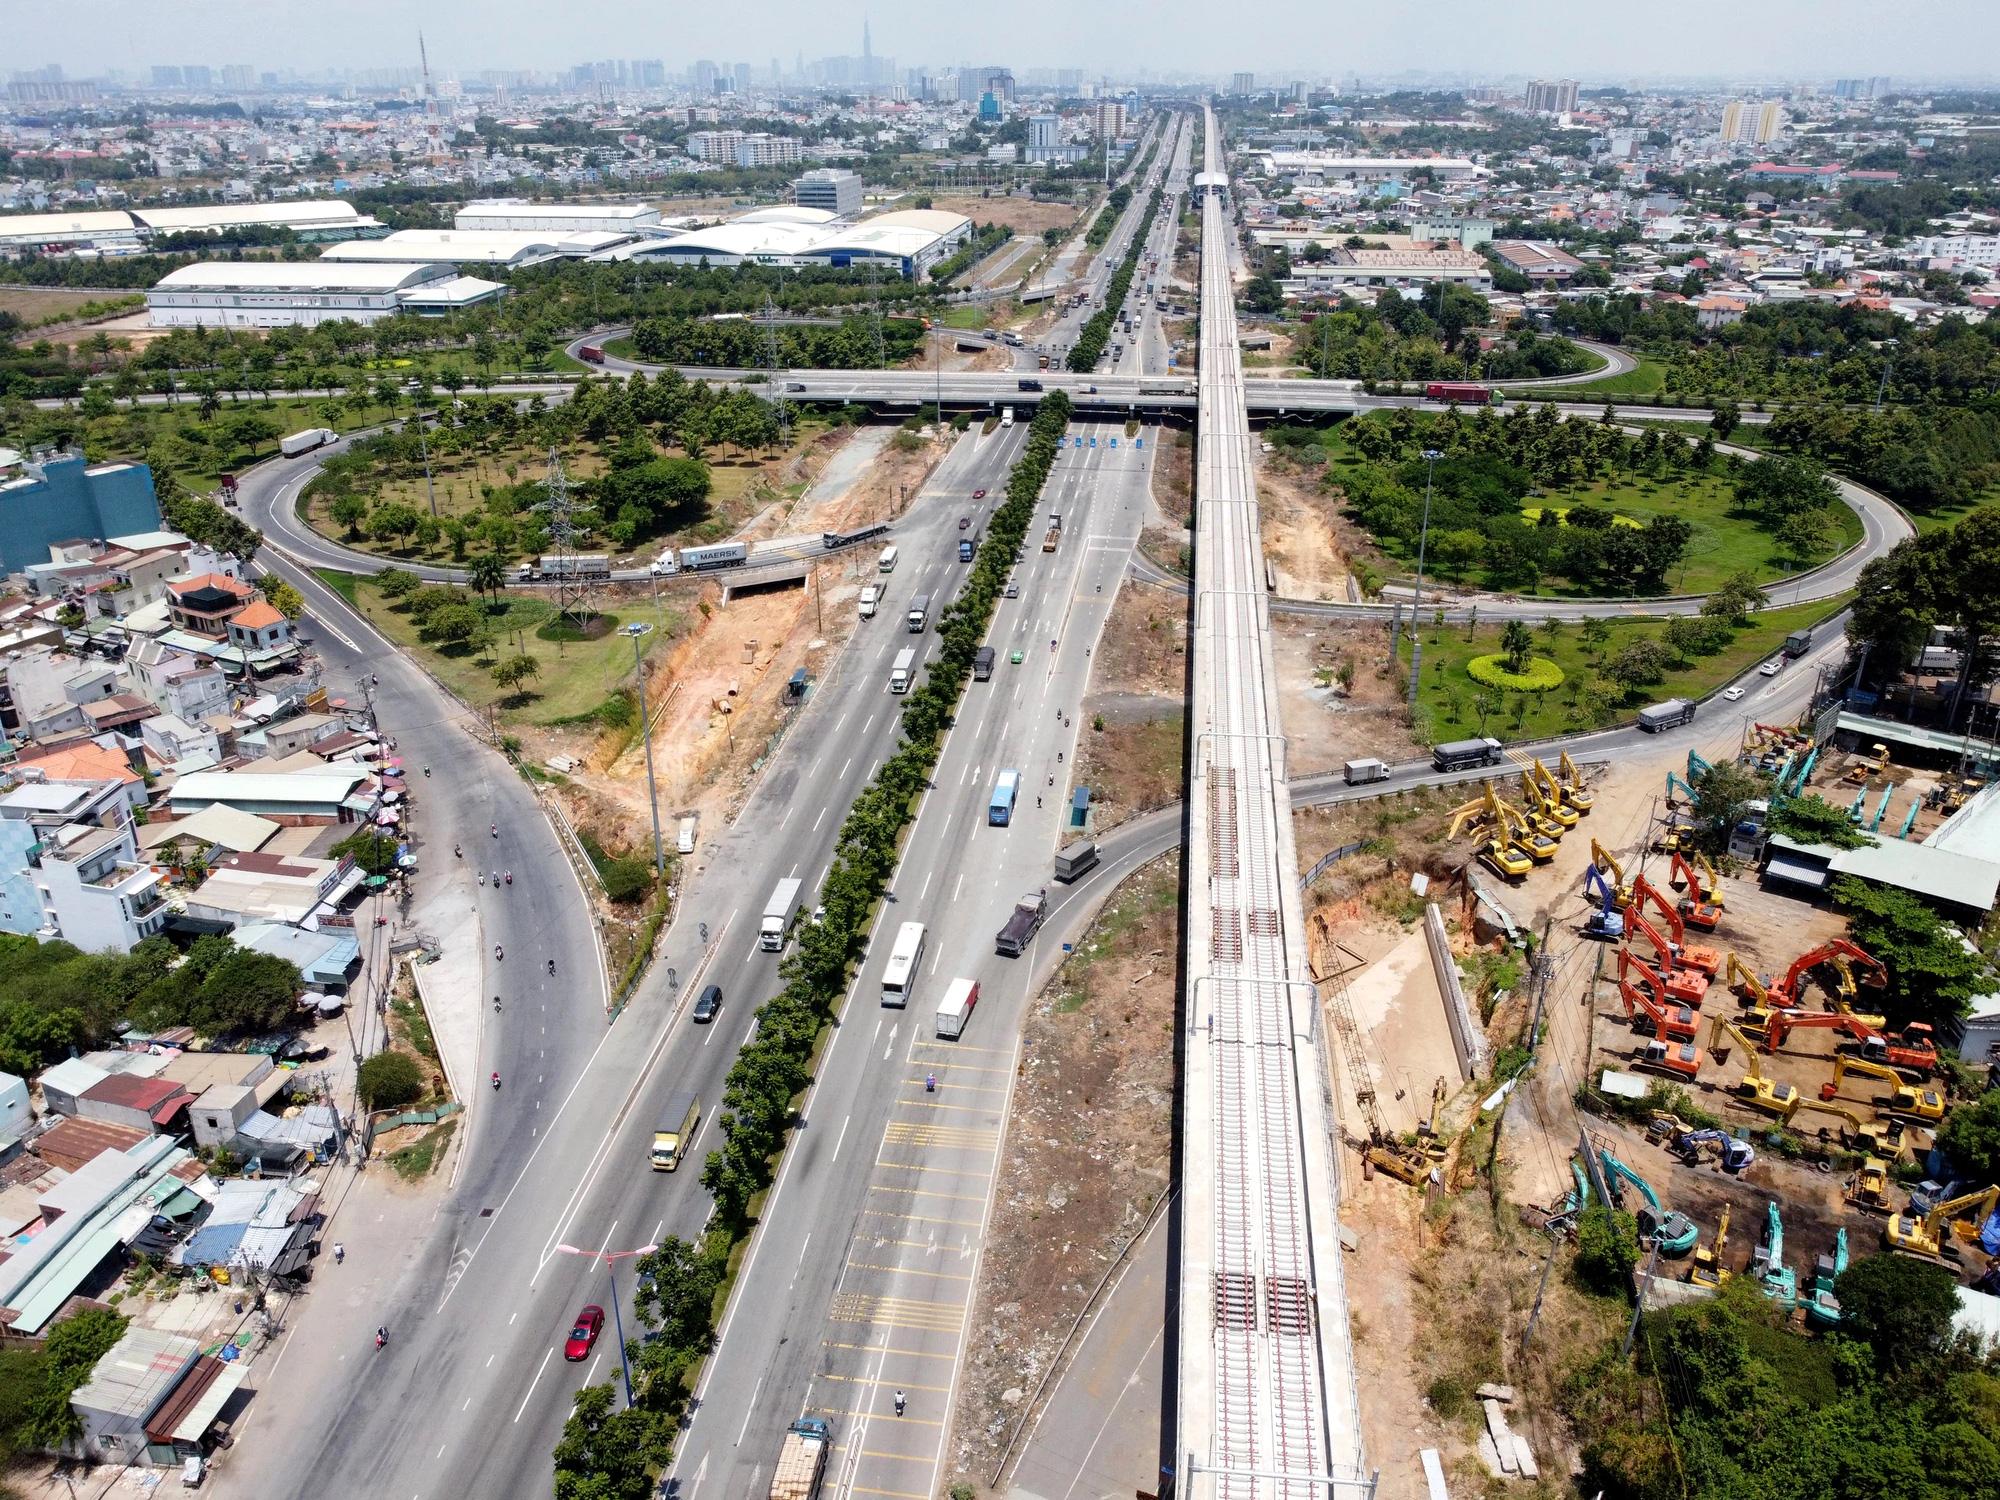 8 tuyến đường sắt đô thị của TP HCM: Metro số 1 chạy thương mại năm 2022, Metro số 2 GPMB xong trong năm nay - Ảnh 4.